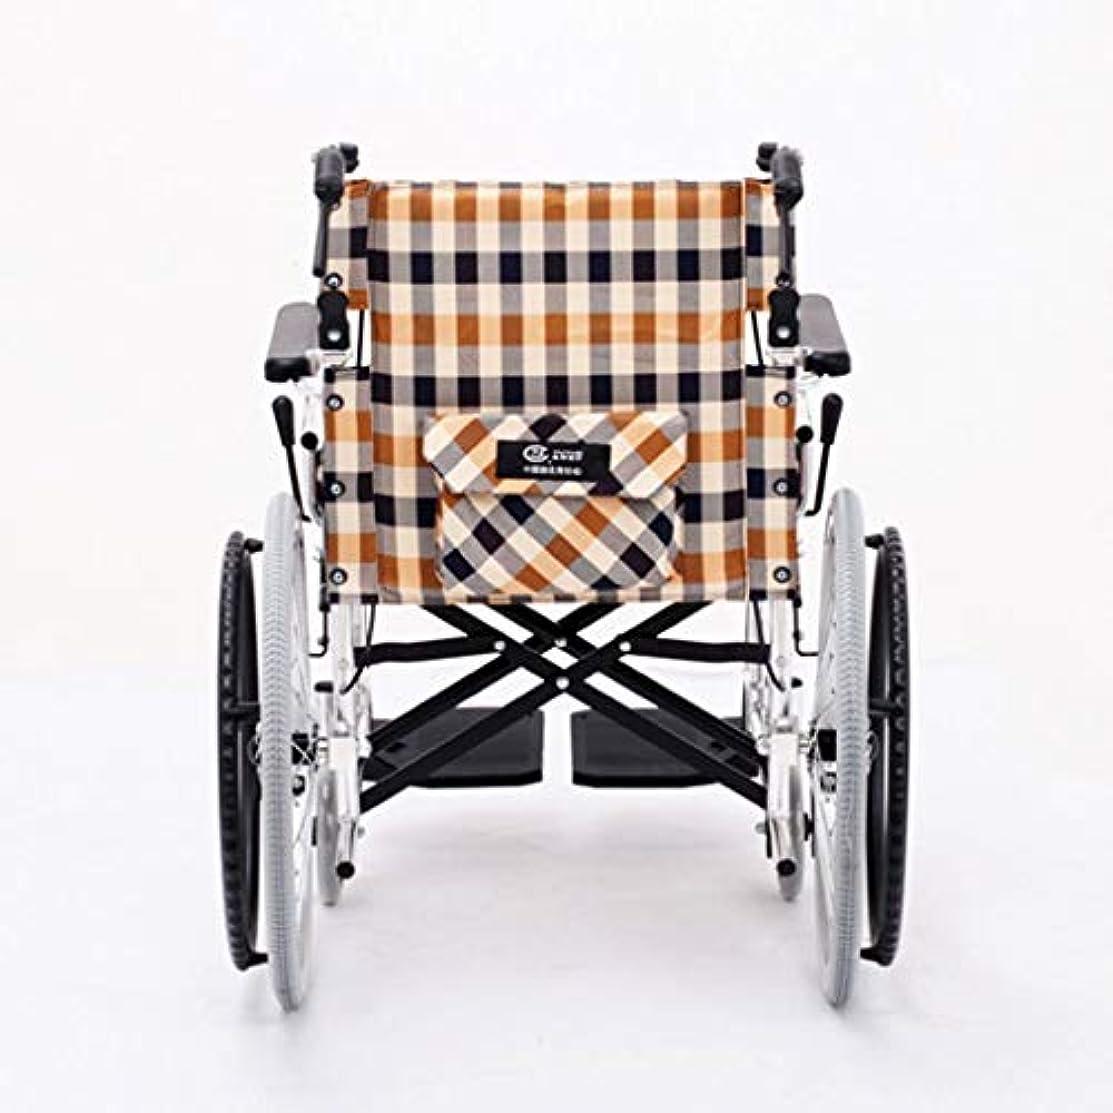 ブラスト水曜日思われる車椅子のアルミニウムフレームの障害者、高齢者およびリハビリテーションの患者のための高齢者の携帯用旅行車椅子